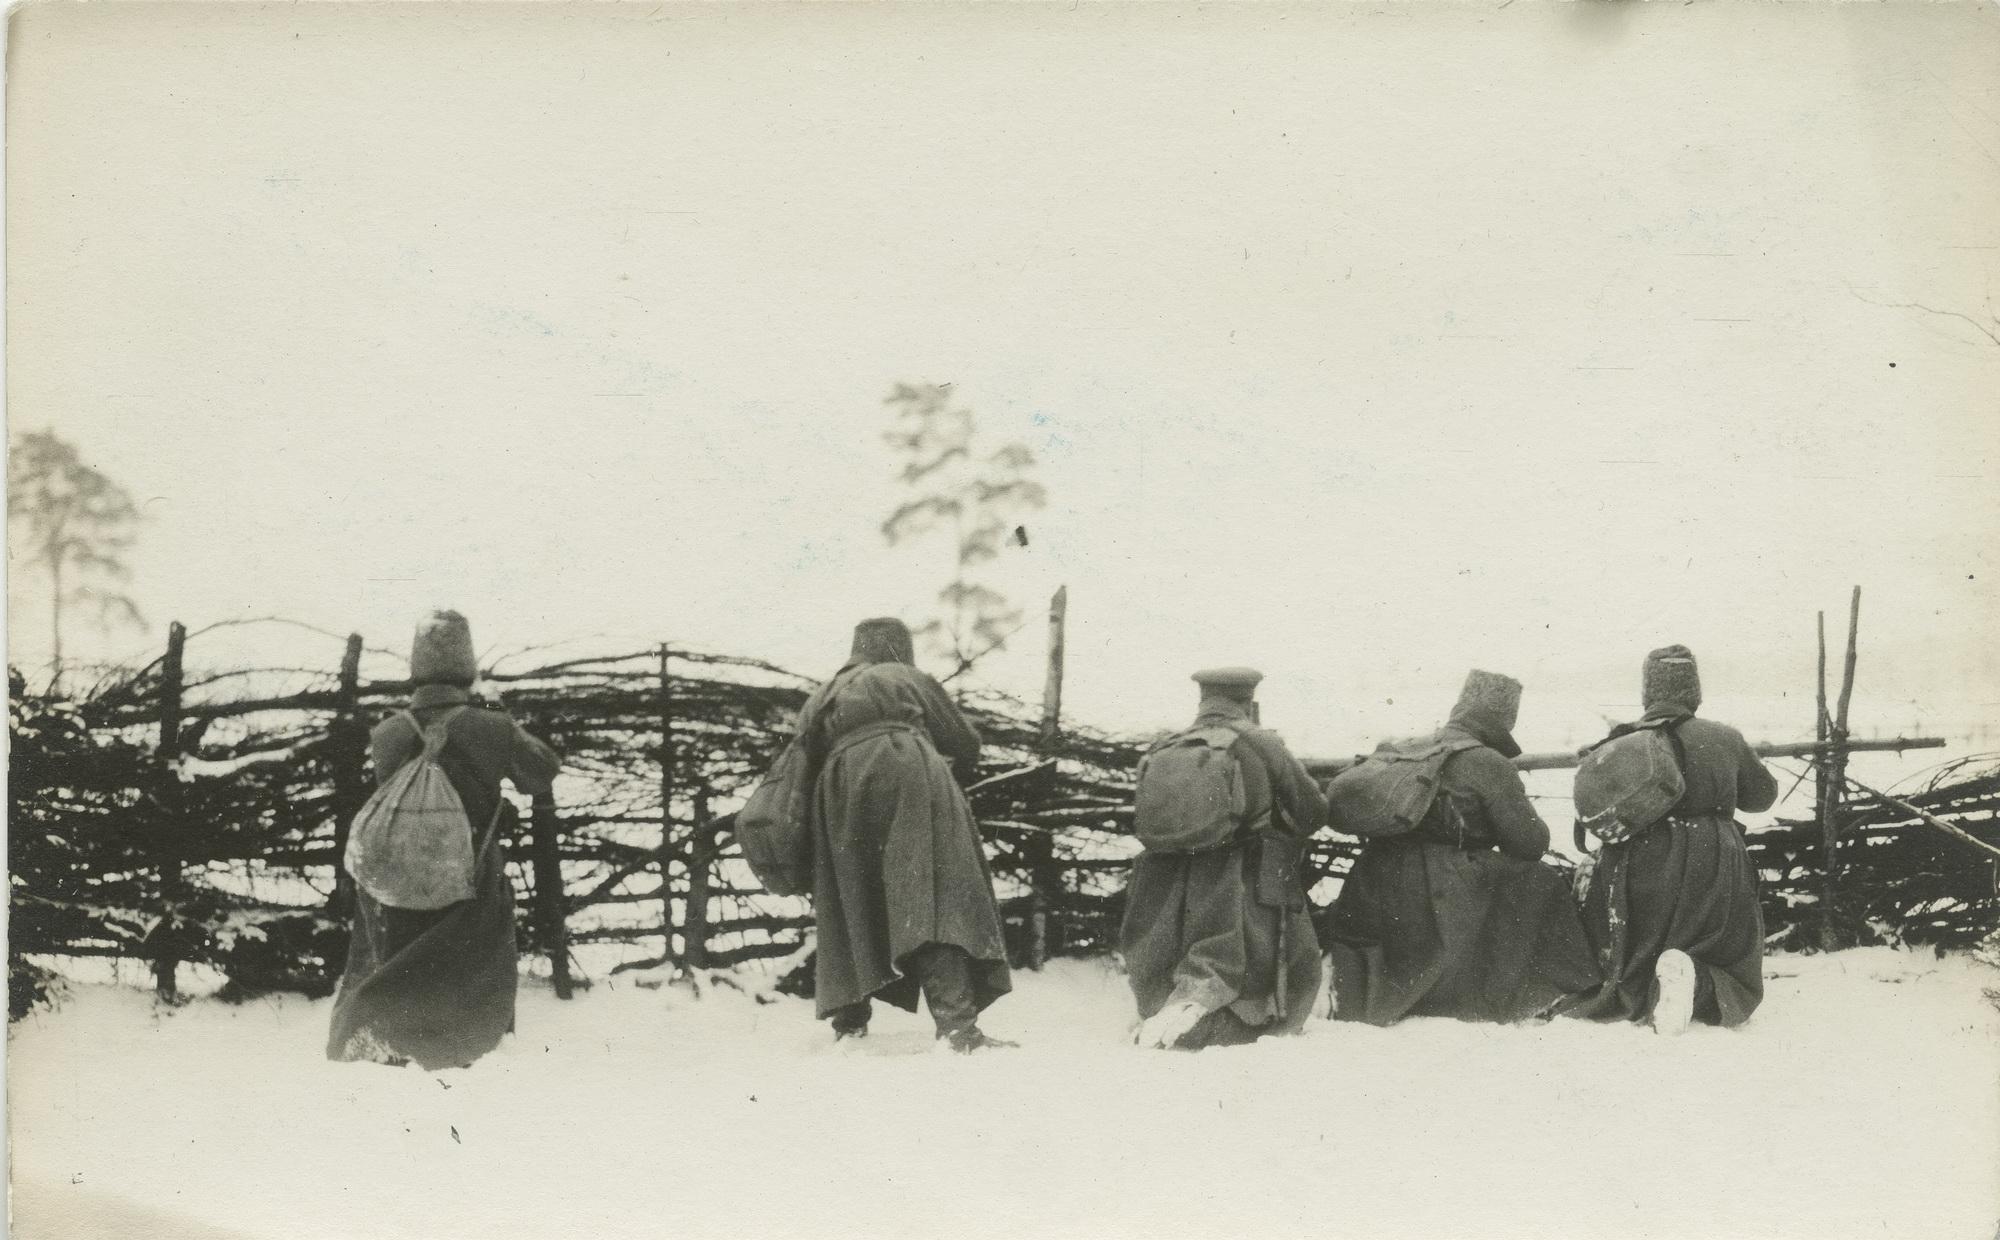 1915. Оборона предместья г. Просныш